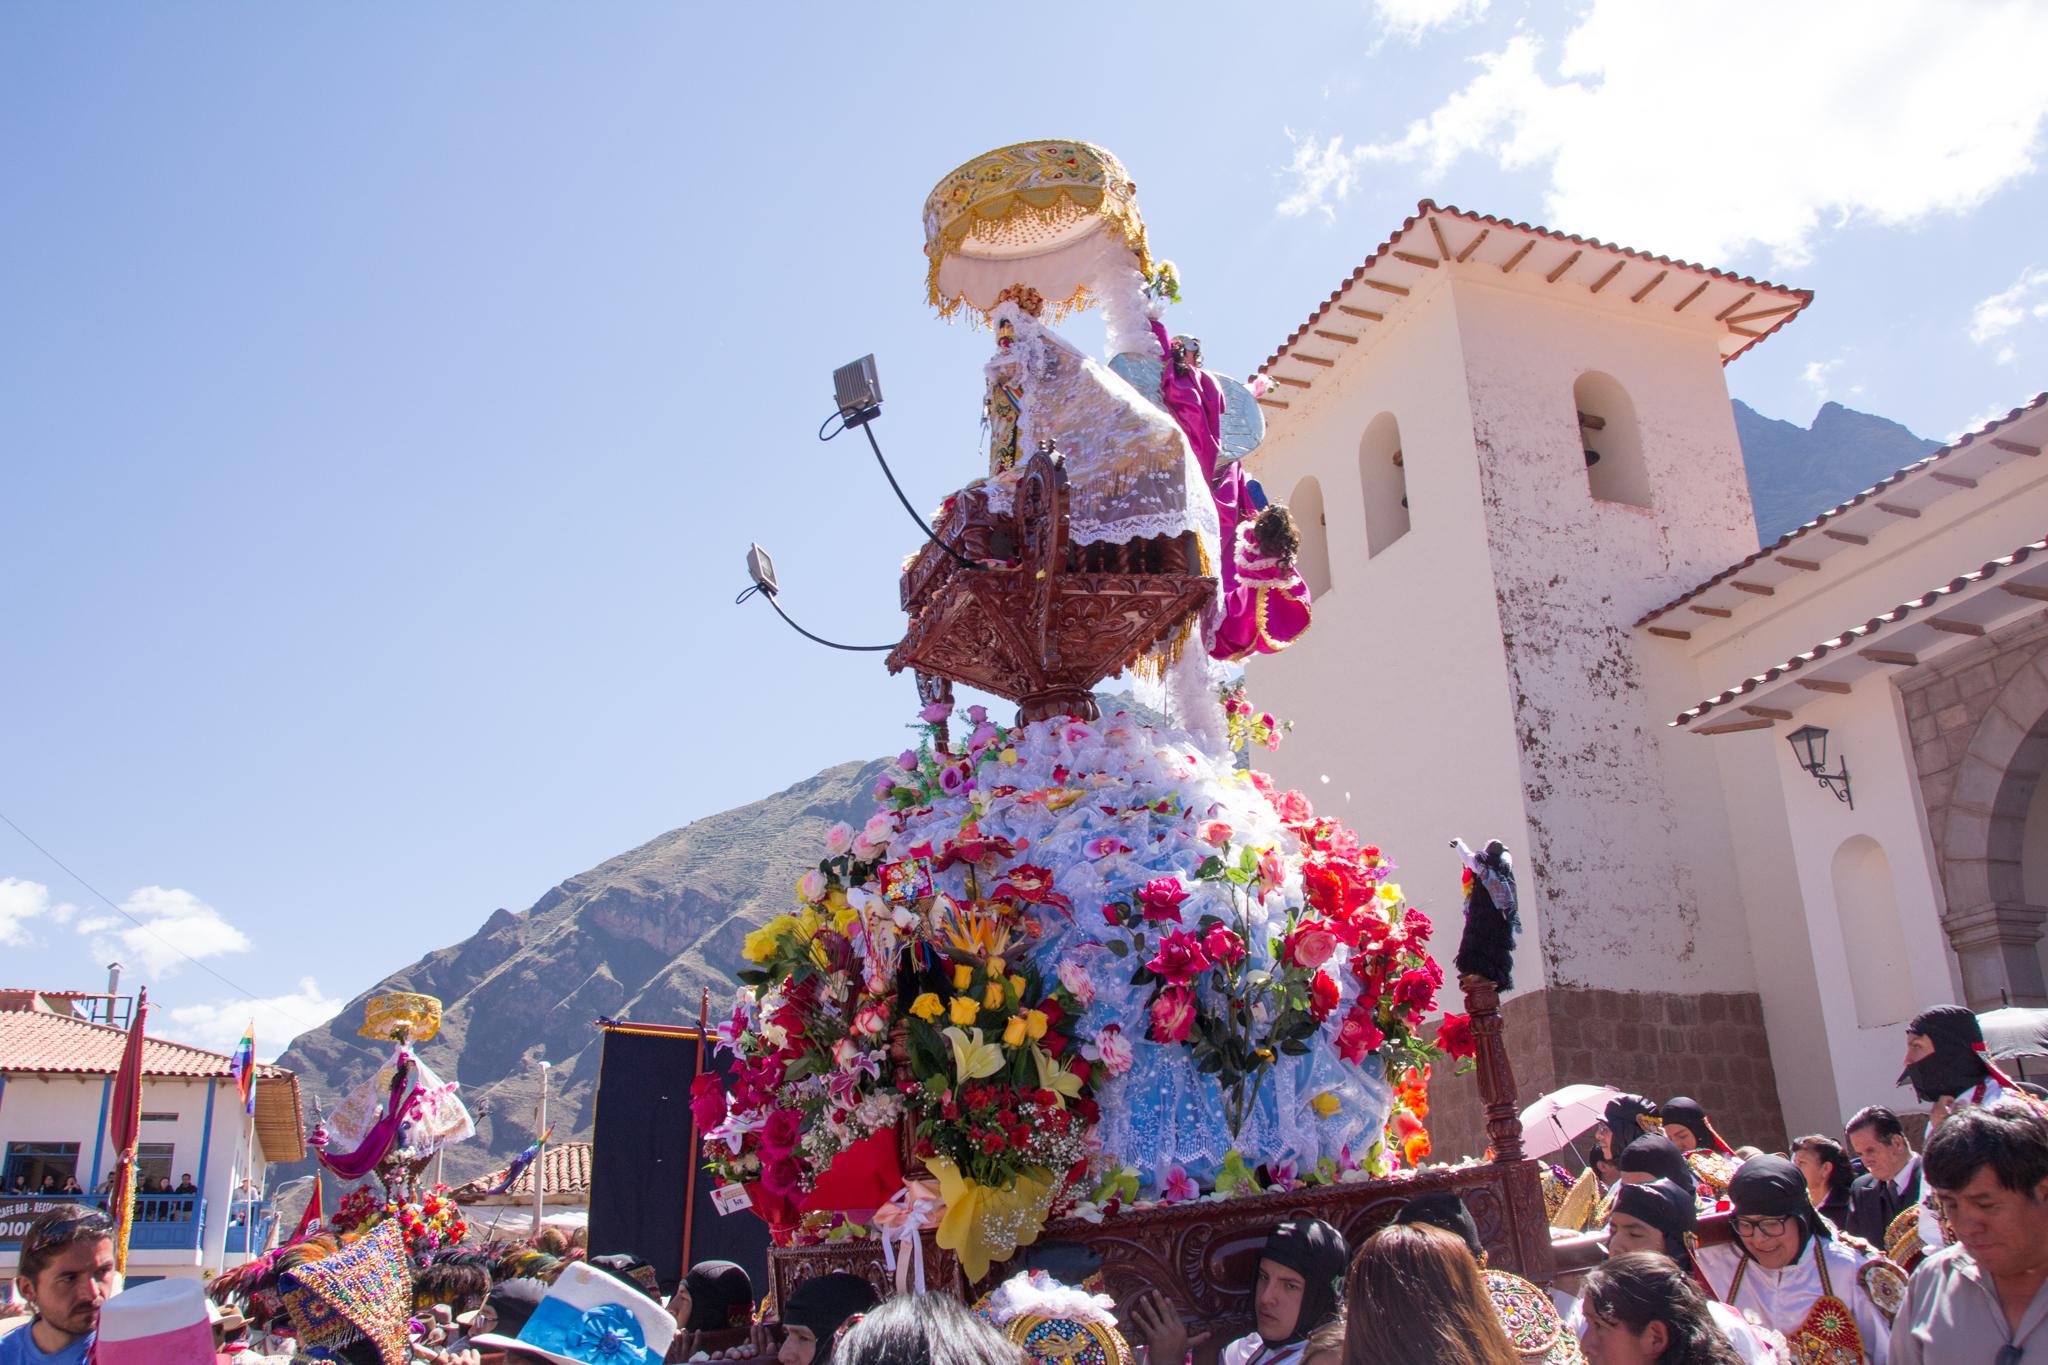 Procesión of the Virgen Del Carmen